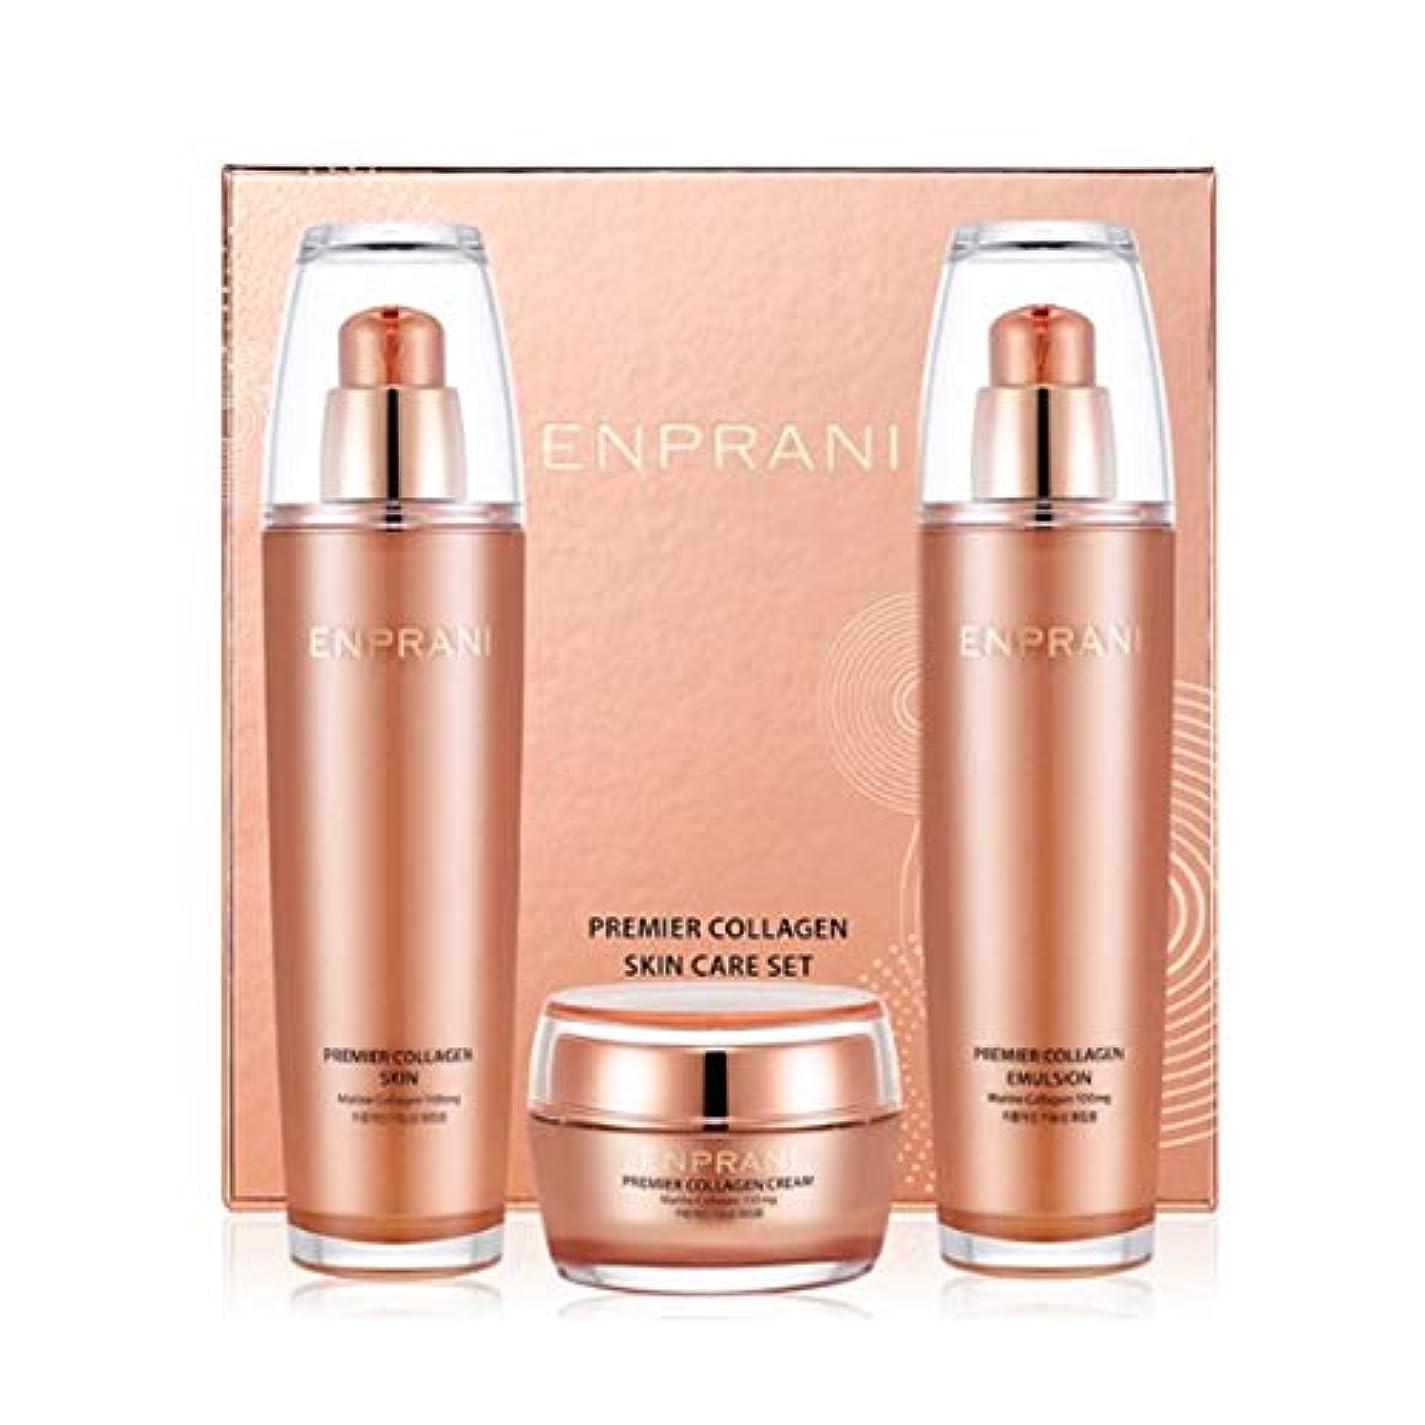 ヒゲ元気レクリエーションエンプラニ?プレミアコラーゲンセット(スキン125ml、エマルジョン125ml、クリーム50ml)、Enprani Premier Collagen Set (Skin、Emulsion、Cream) [並行輸入品]